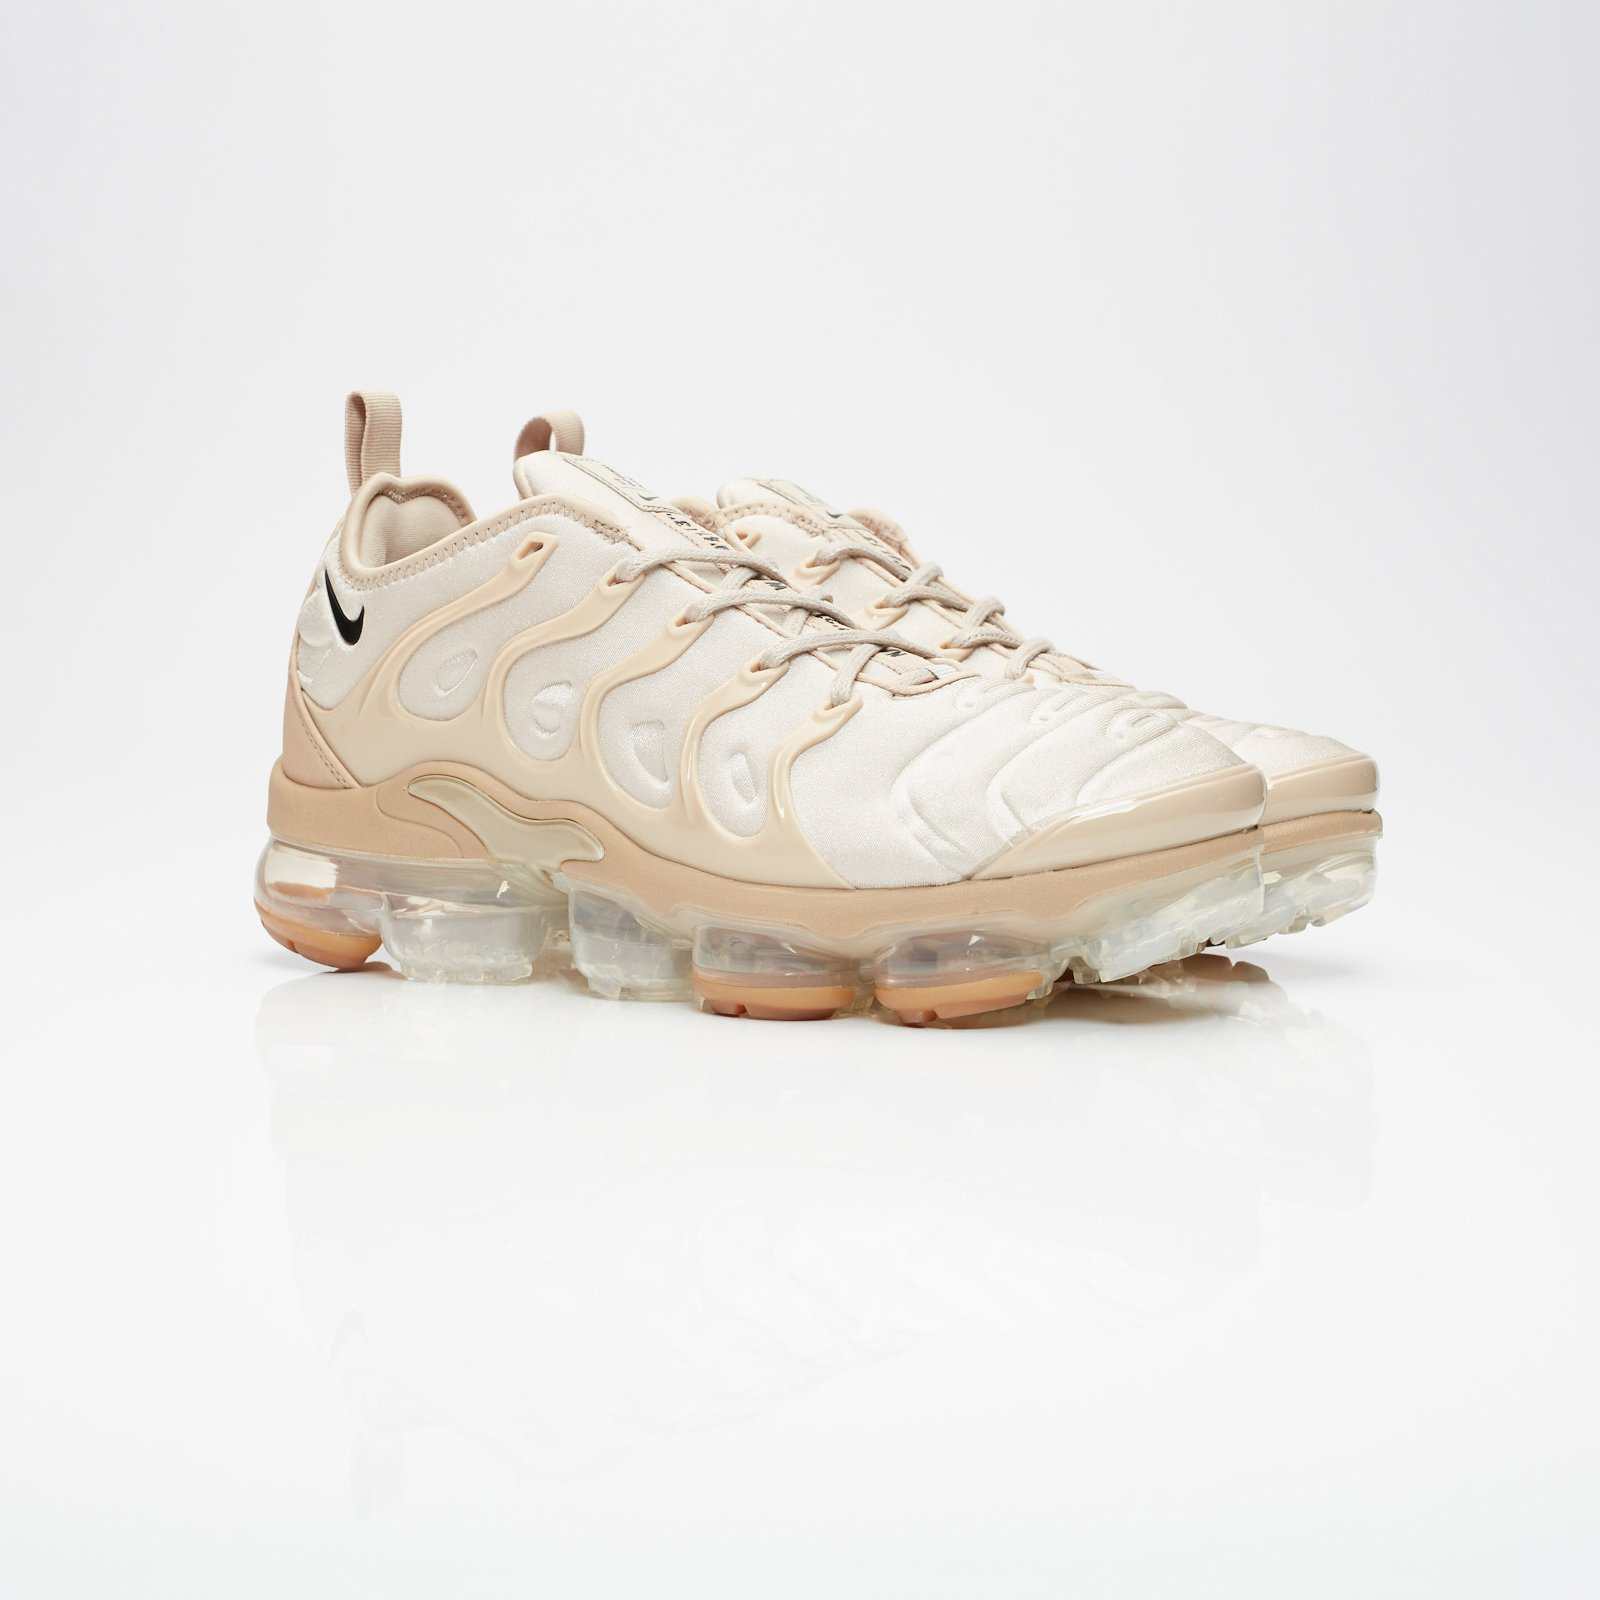 81b2665648ce Nike Air Vapormax Plus - At5681-200 - Sneakersnstuff